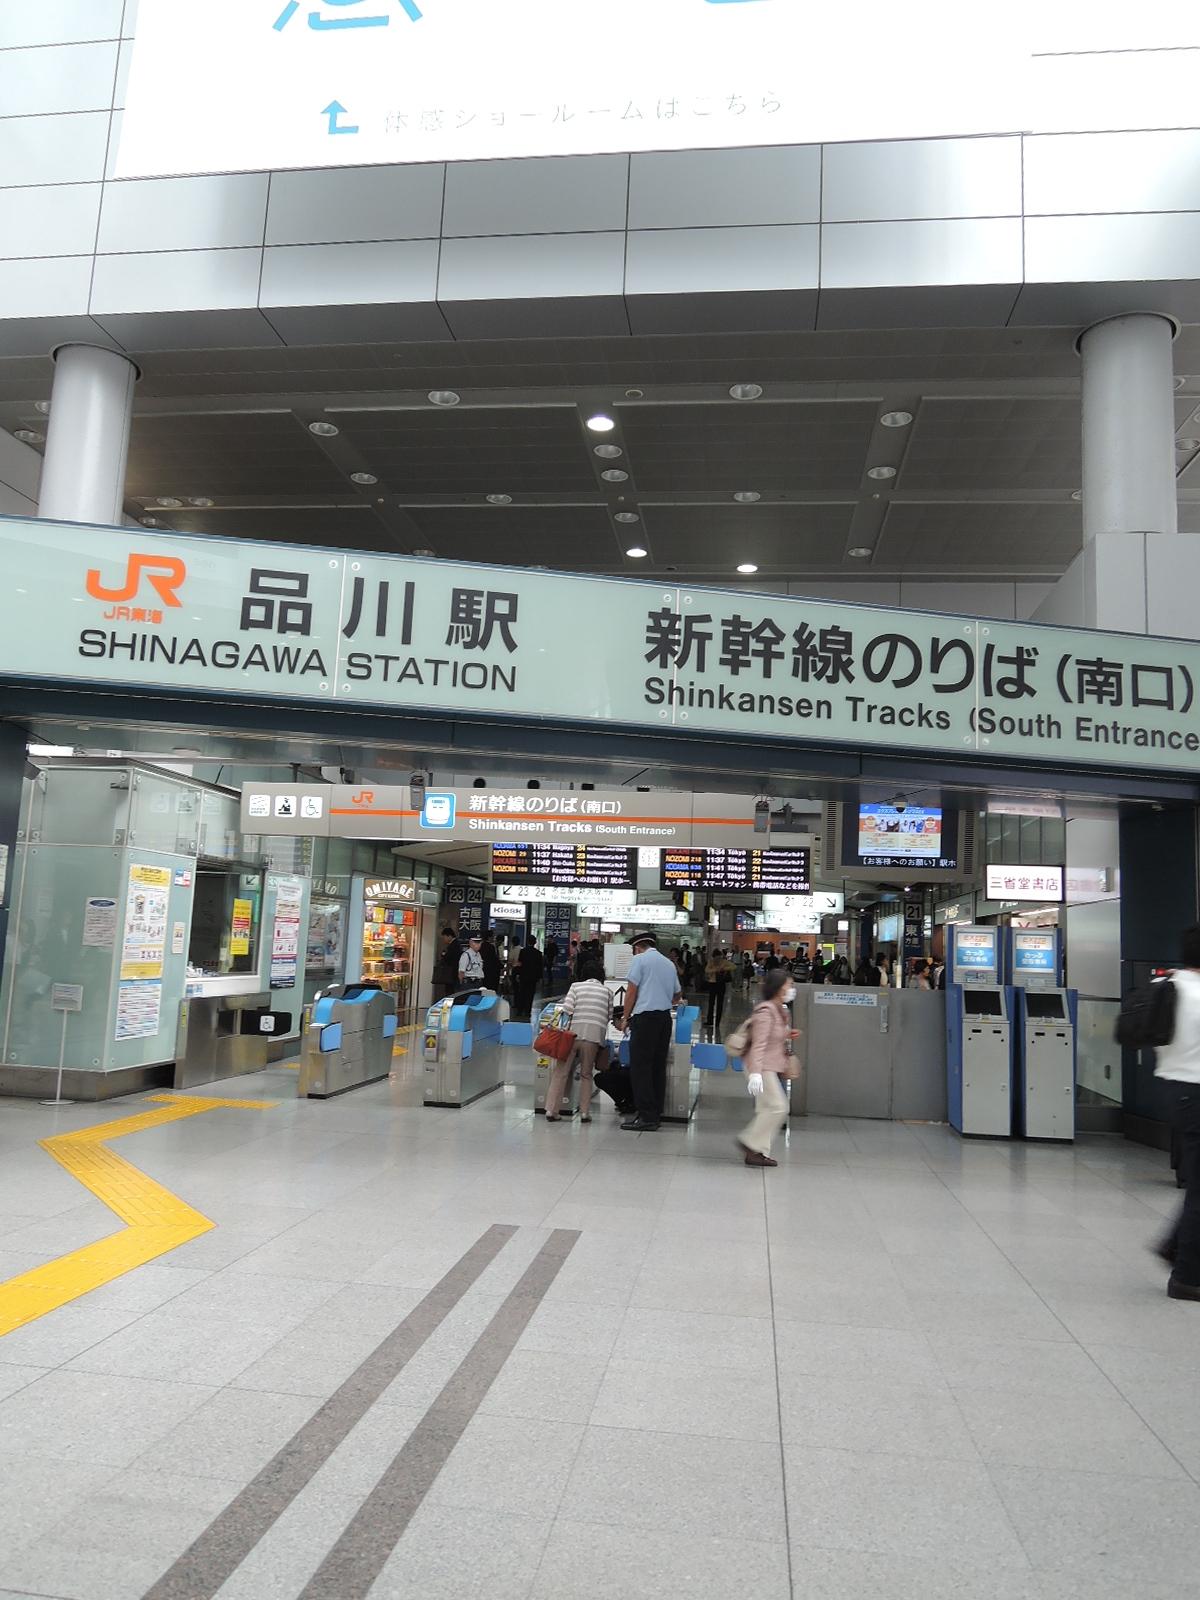 JR「品川」駅は新幹線停車駅です